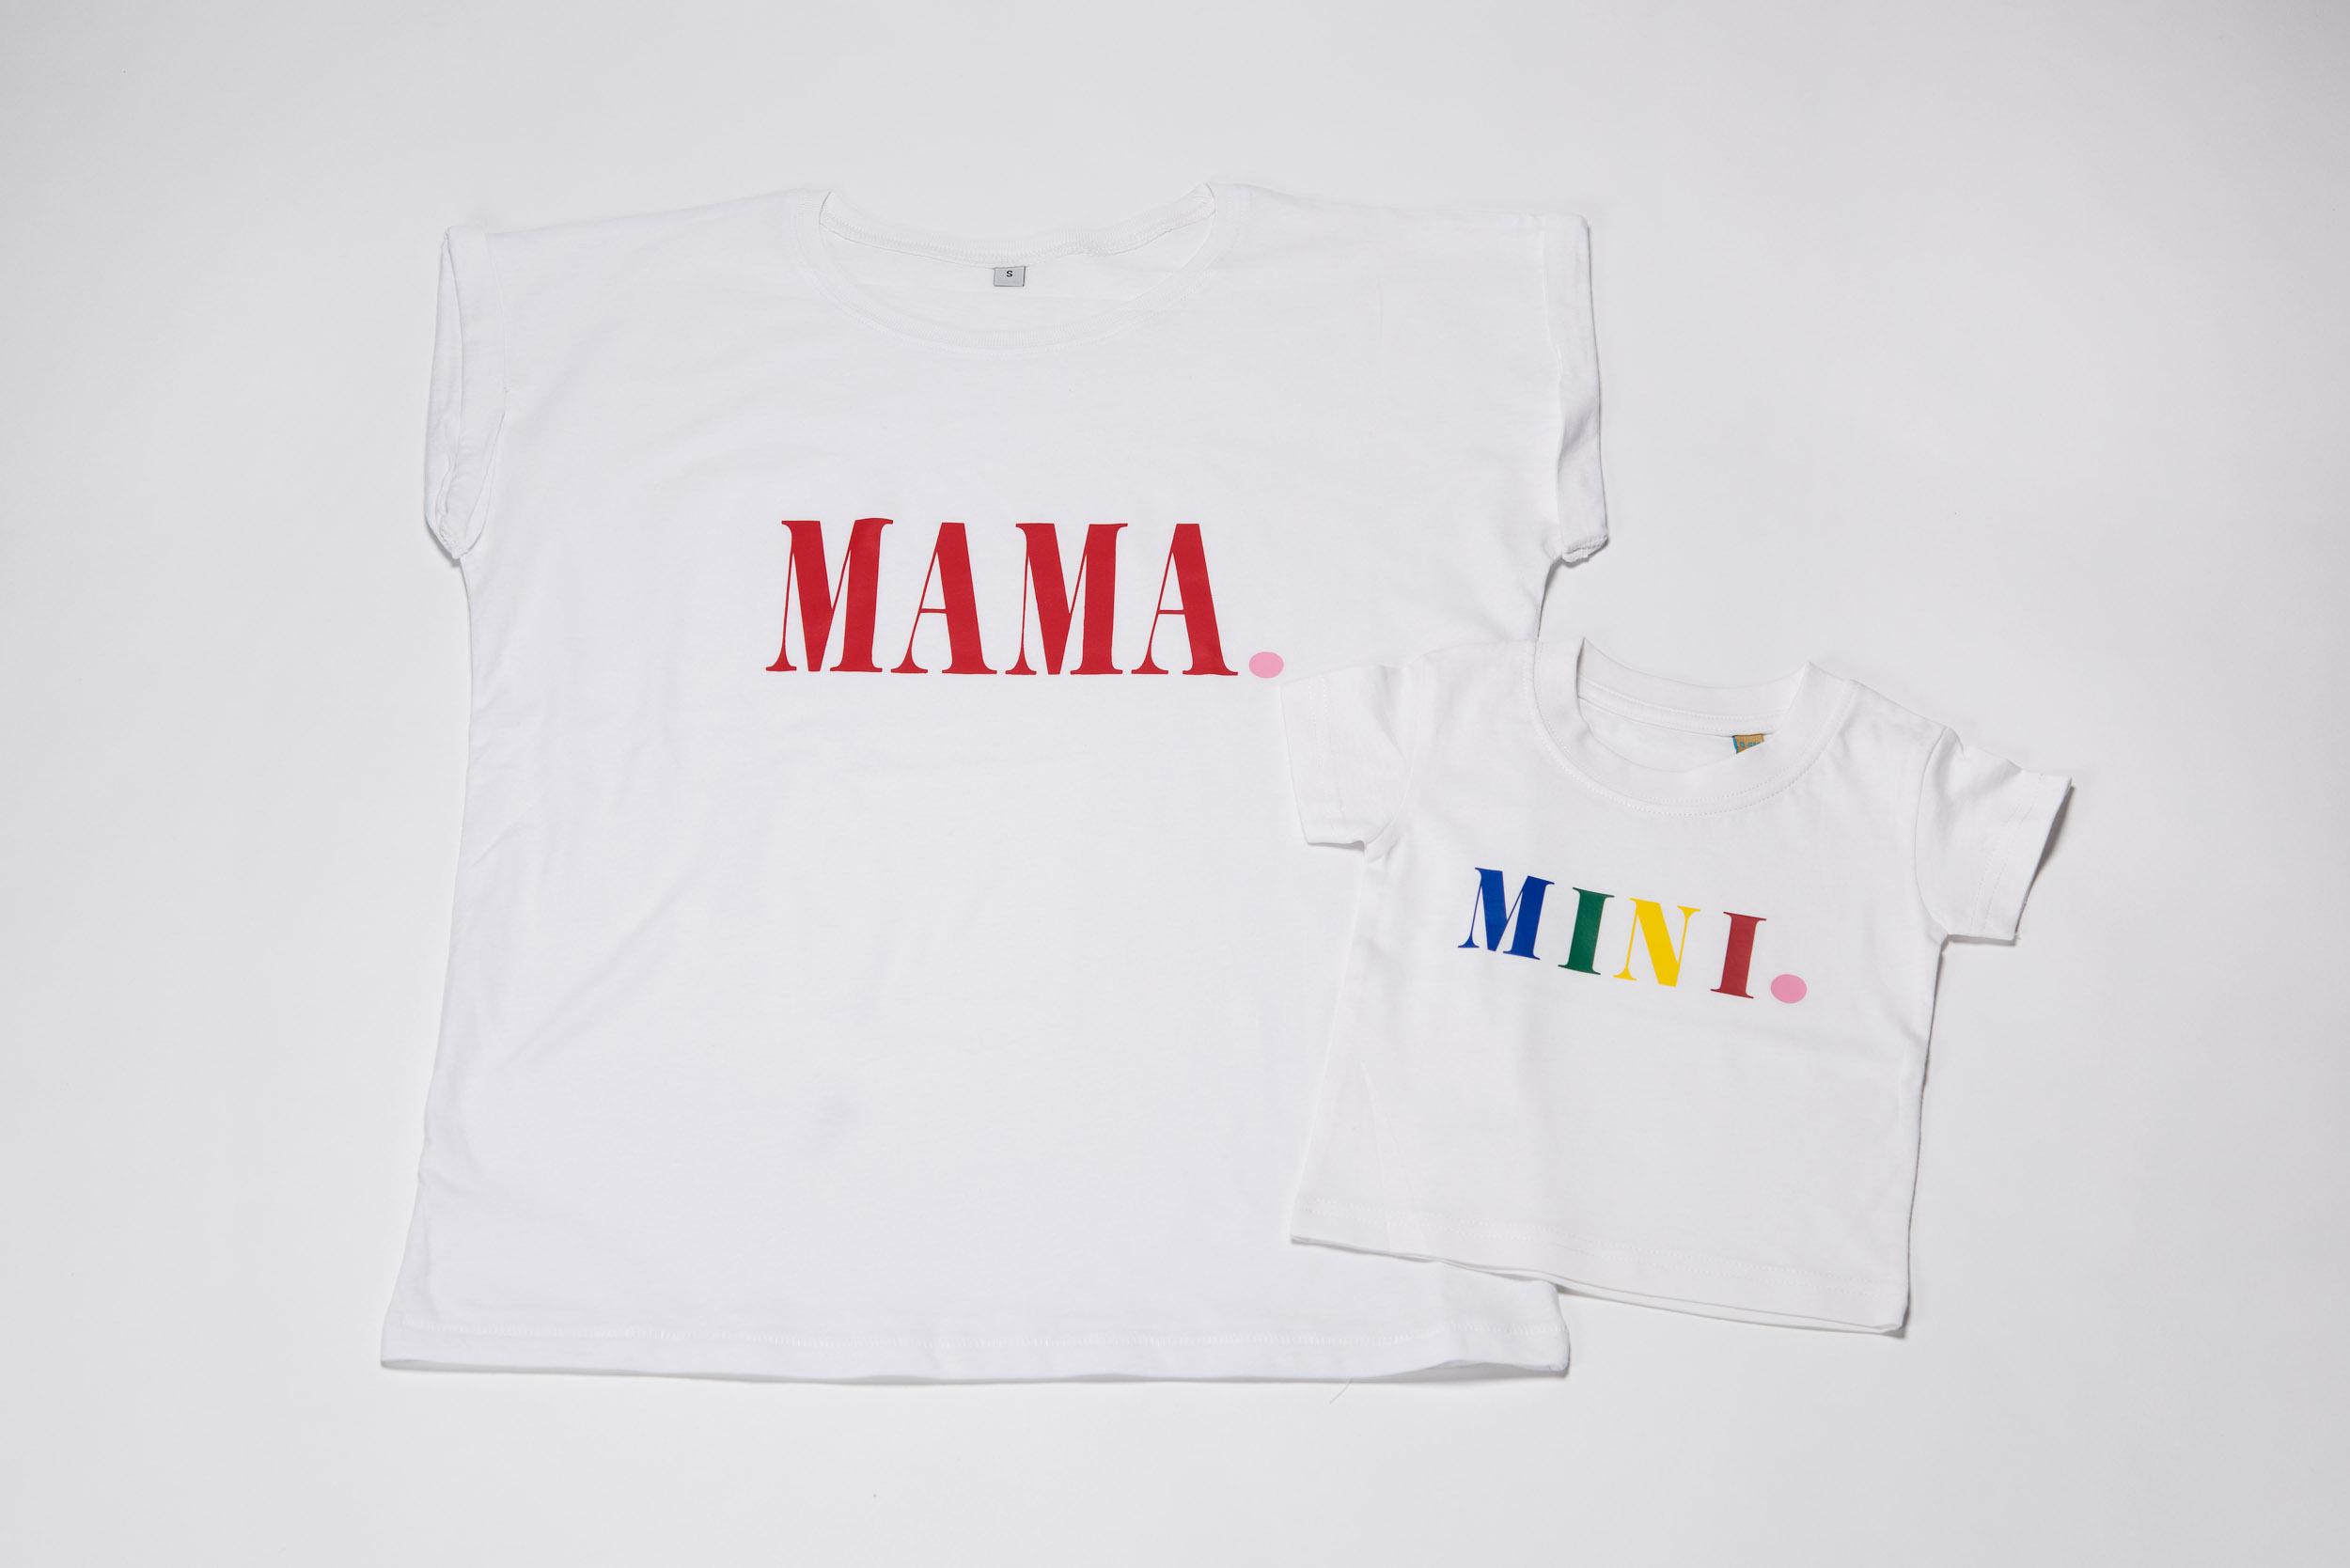 Mama und Mini – Handbedruckte Shirts von Whatelse